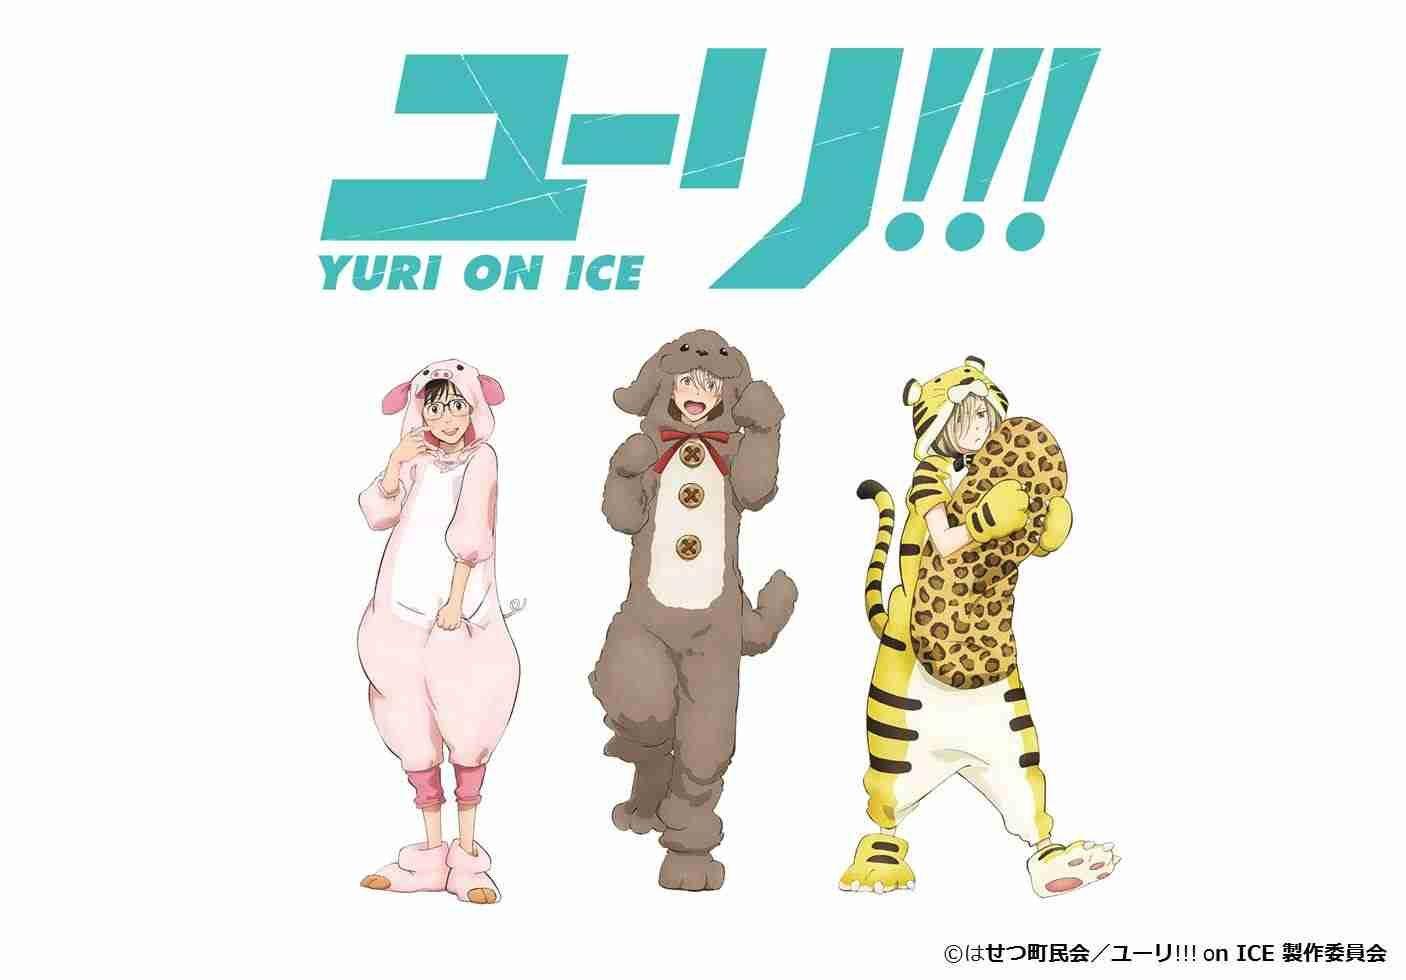 ユーリ!!! on ICE グッズ情報(@yurionicegoods)さん | Twitter